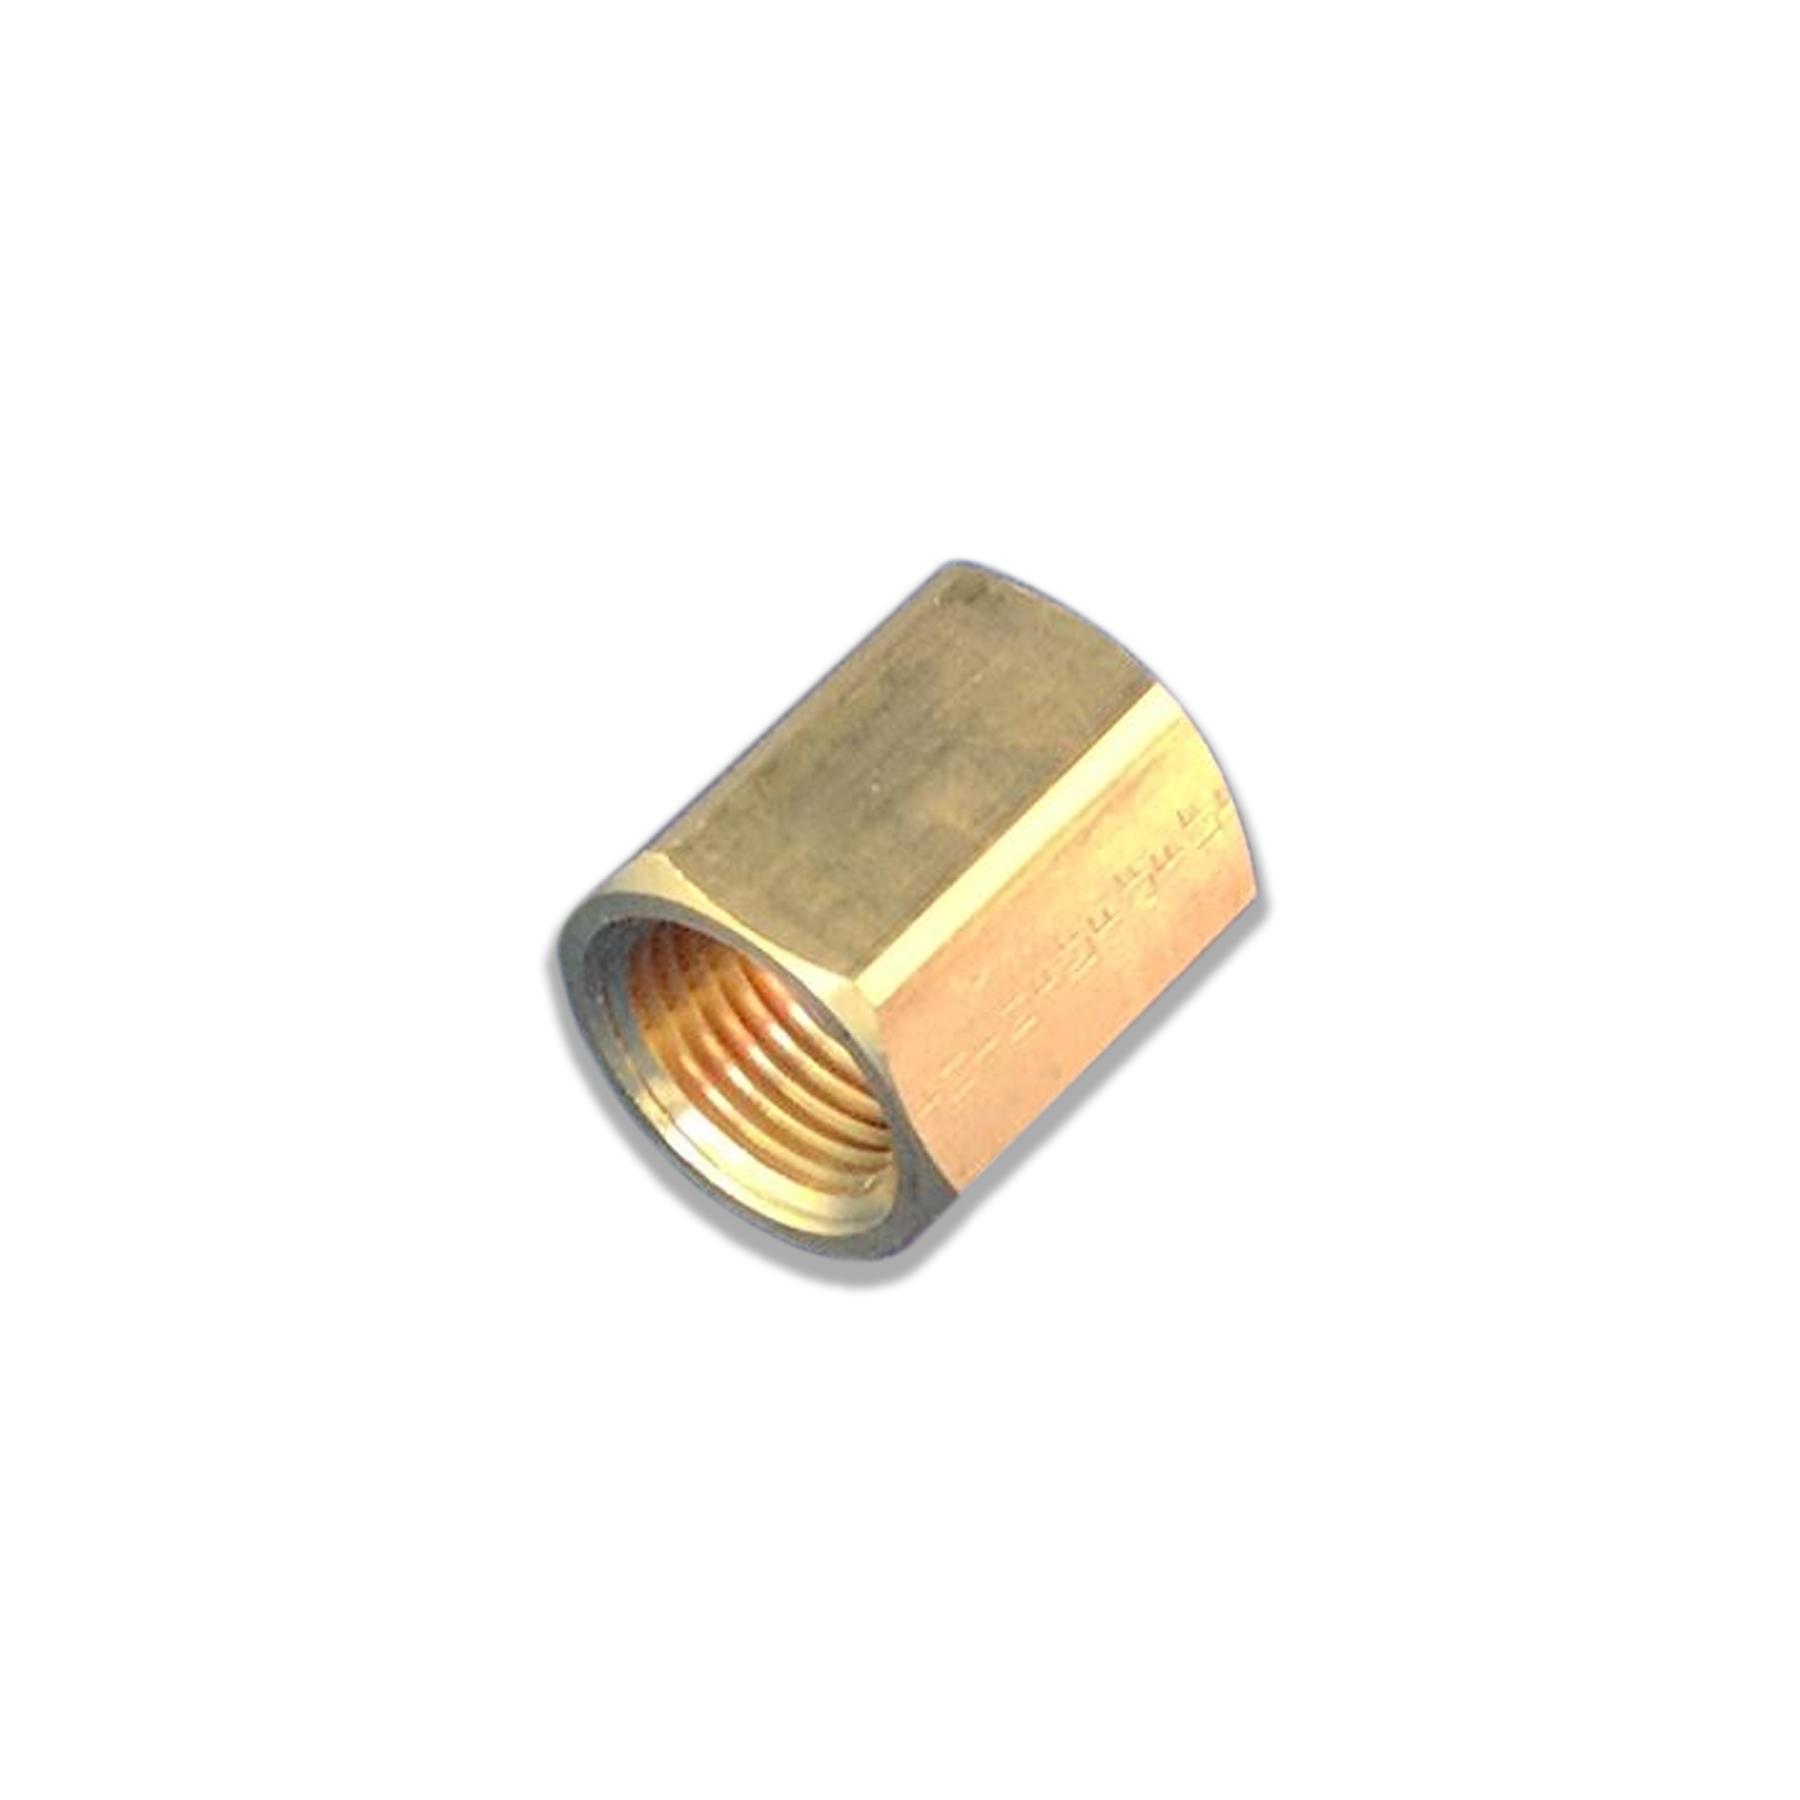 Lead Free Brass Coupler, 1/2 in. (F) NPT